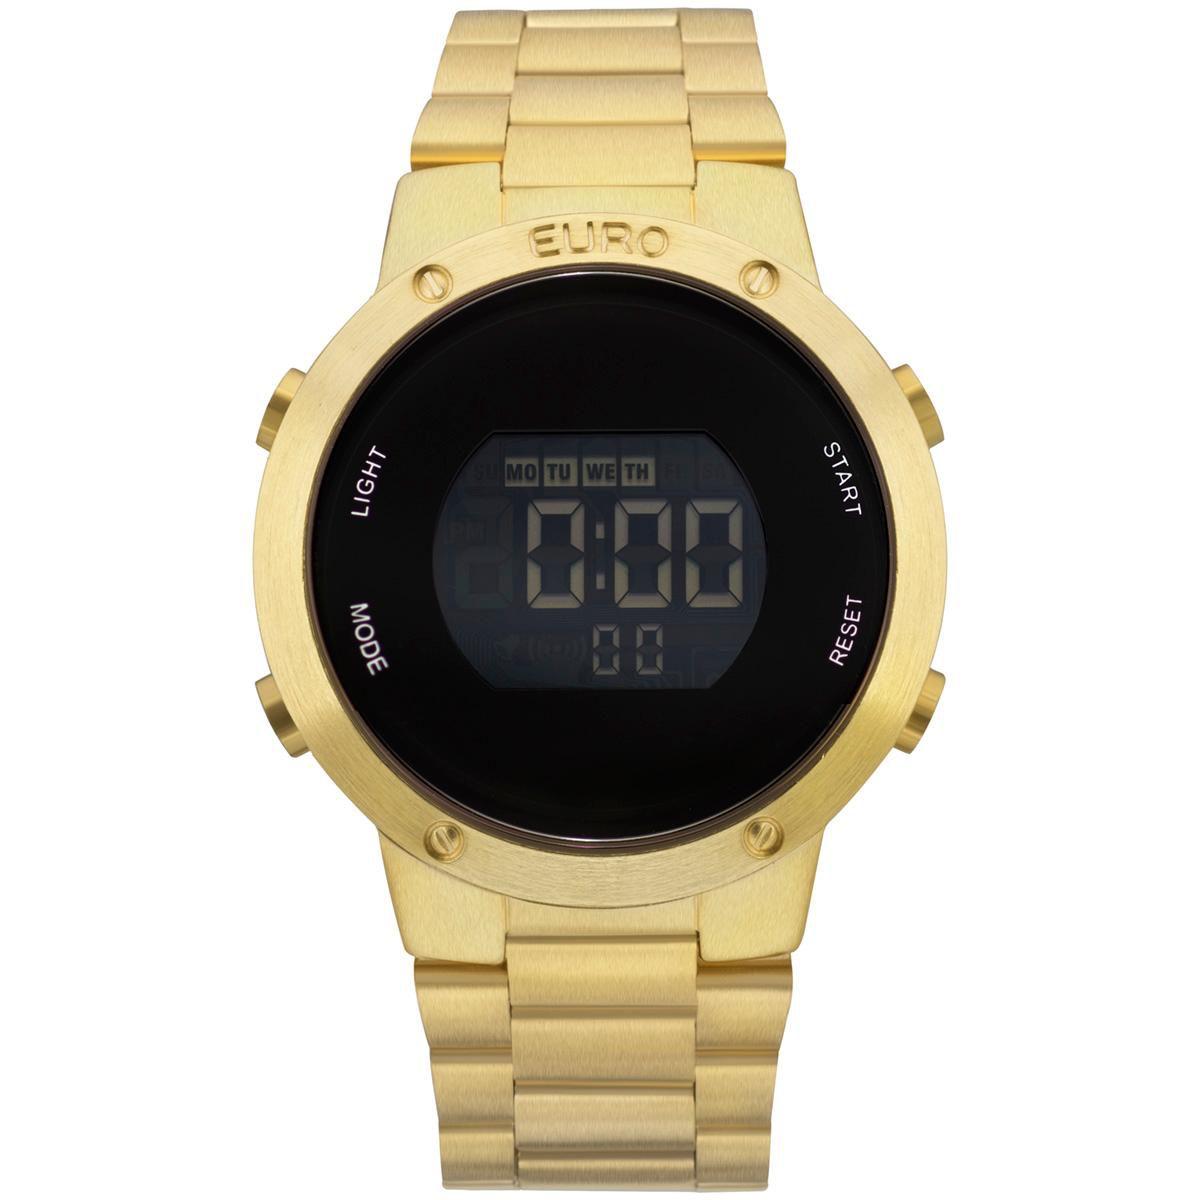 9cb16f3cbe4 Relógio Feminino Euro Fashion Fit EUBJ3279AA 4D 44mm Digital Aço Dourado